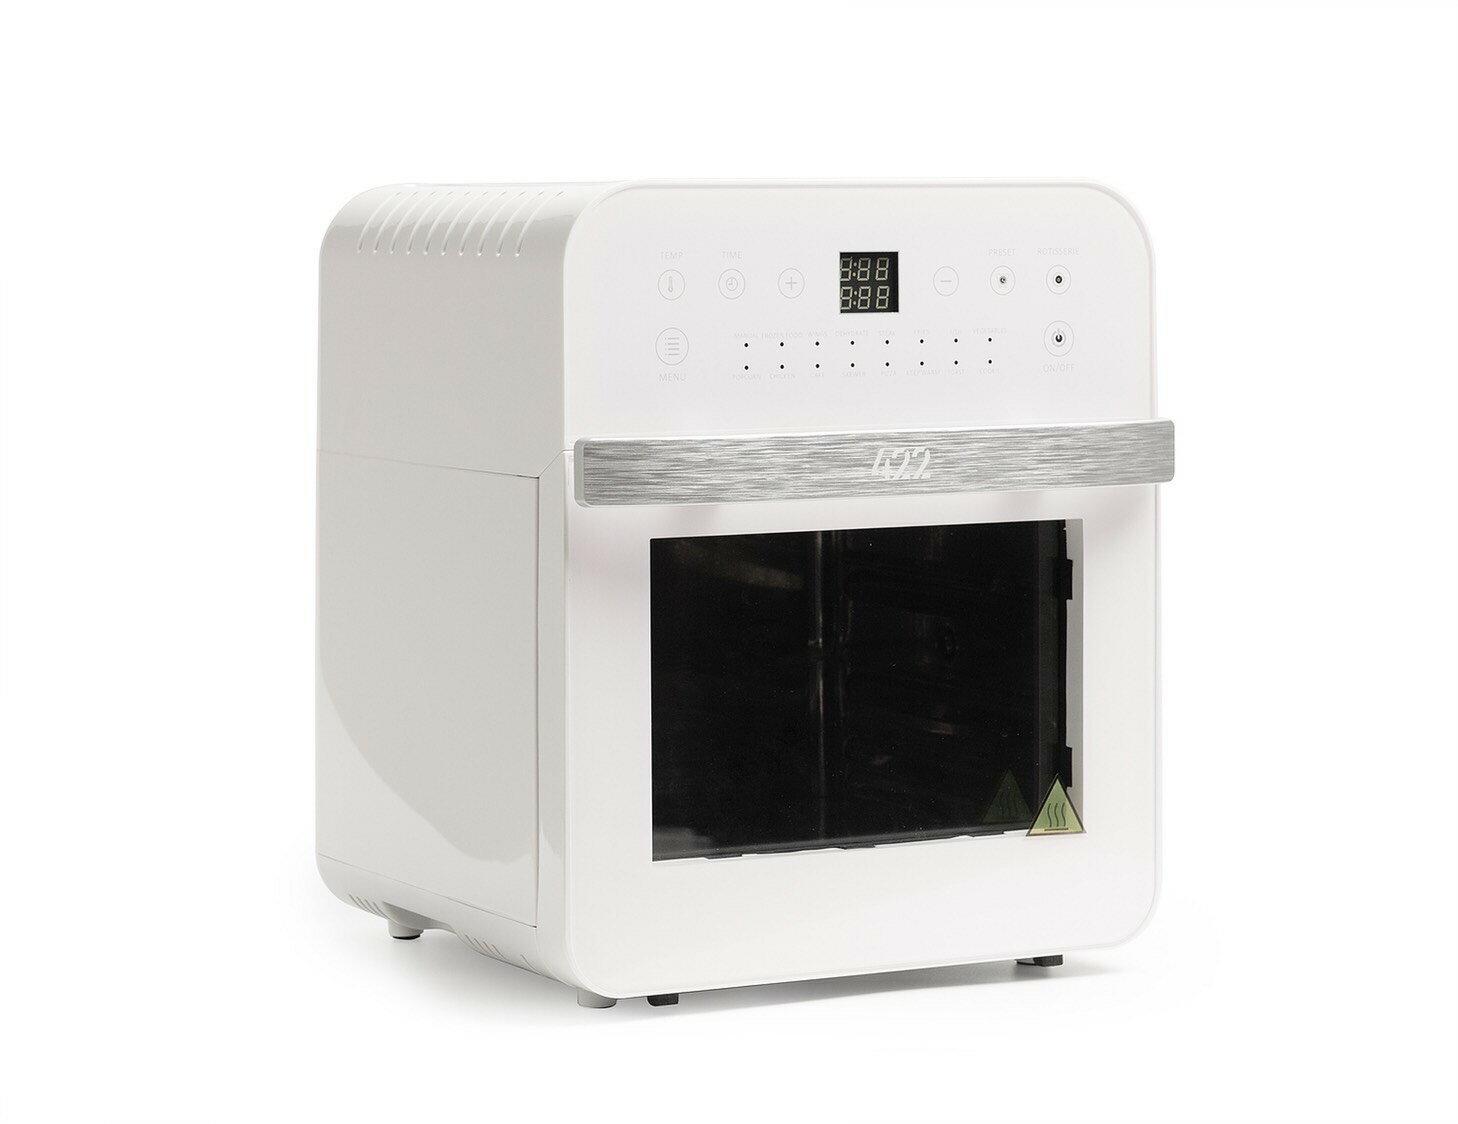 【贈送轉籠+炸籃】韓國 422Inc 11L 氣炸烤箱 大容量 多功能 四色可選 部落客推薦 4